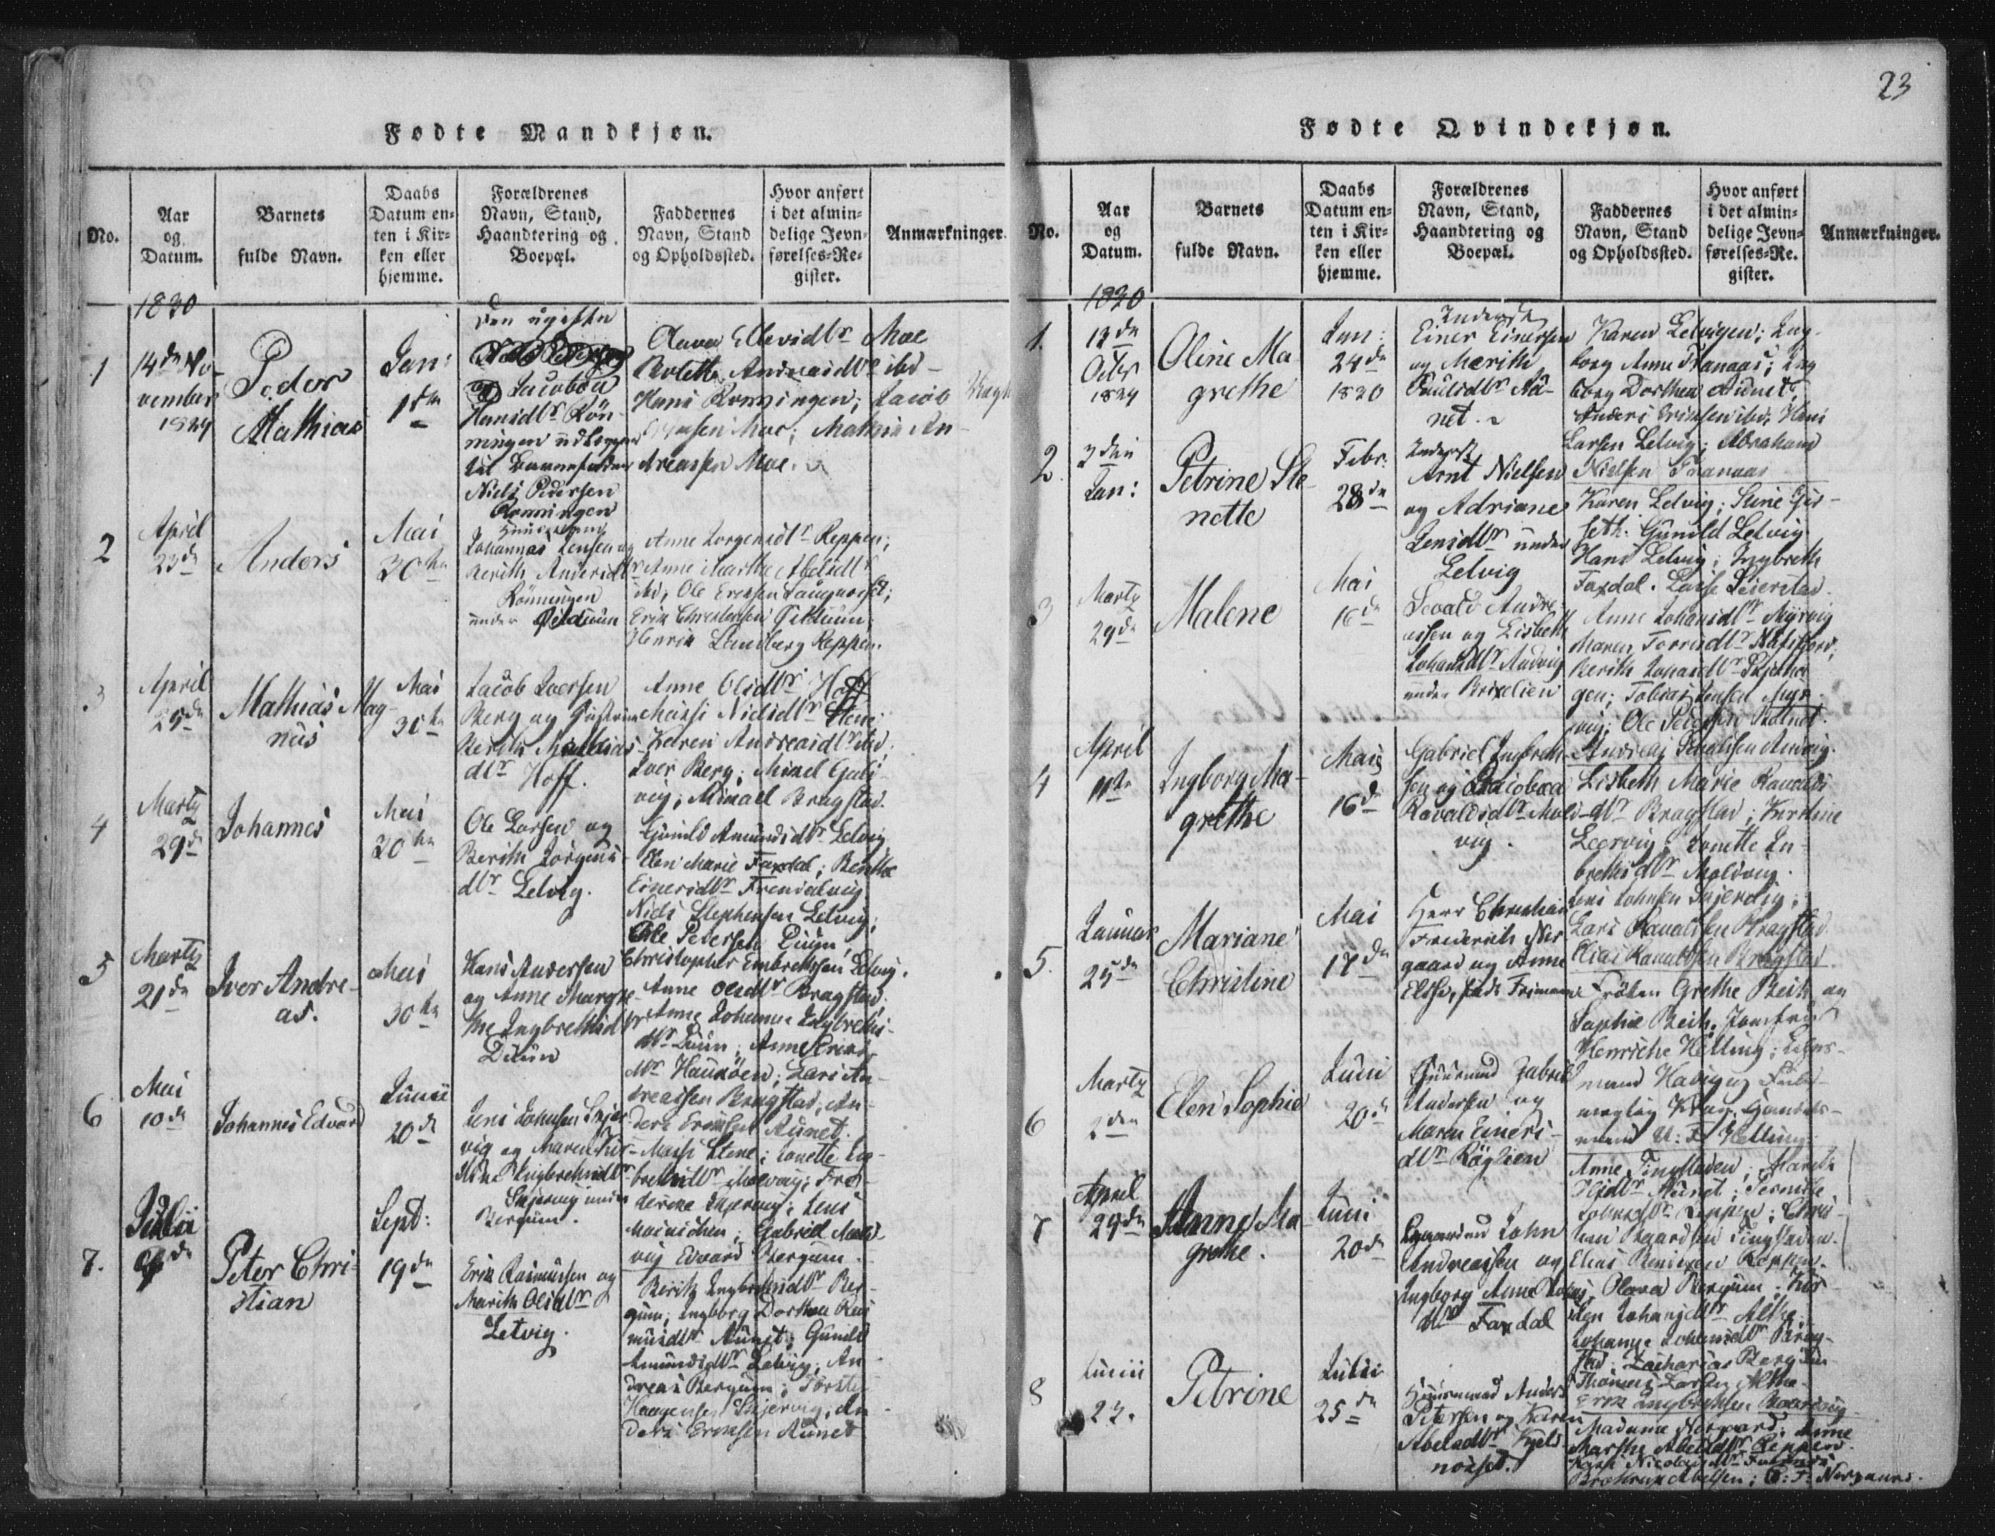 SAT, Ministerialprotokoller, klokkerbøker og fødselsregistre - Nord-Trøndelag, 773/L0609: Ministerialbok nr. 773A03 /1, 1815-1830, s. 23